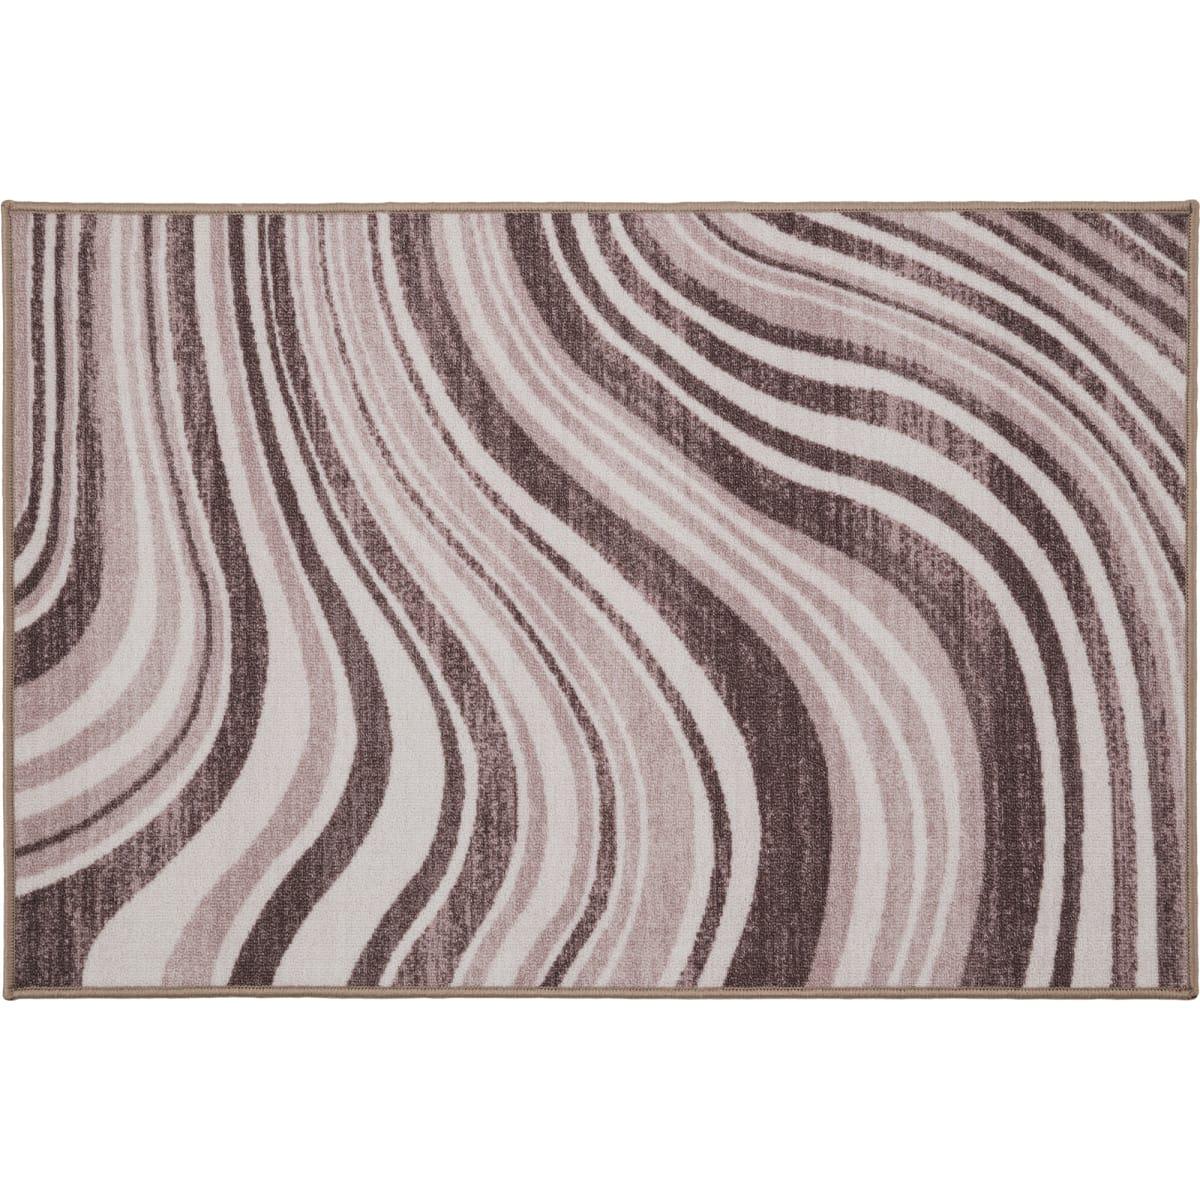 Коврик «Адриана», 80x120 см, нейлон, цвет коричневый